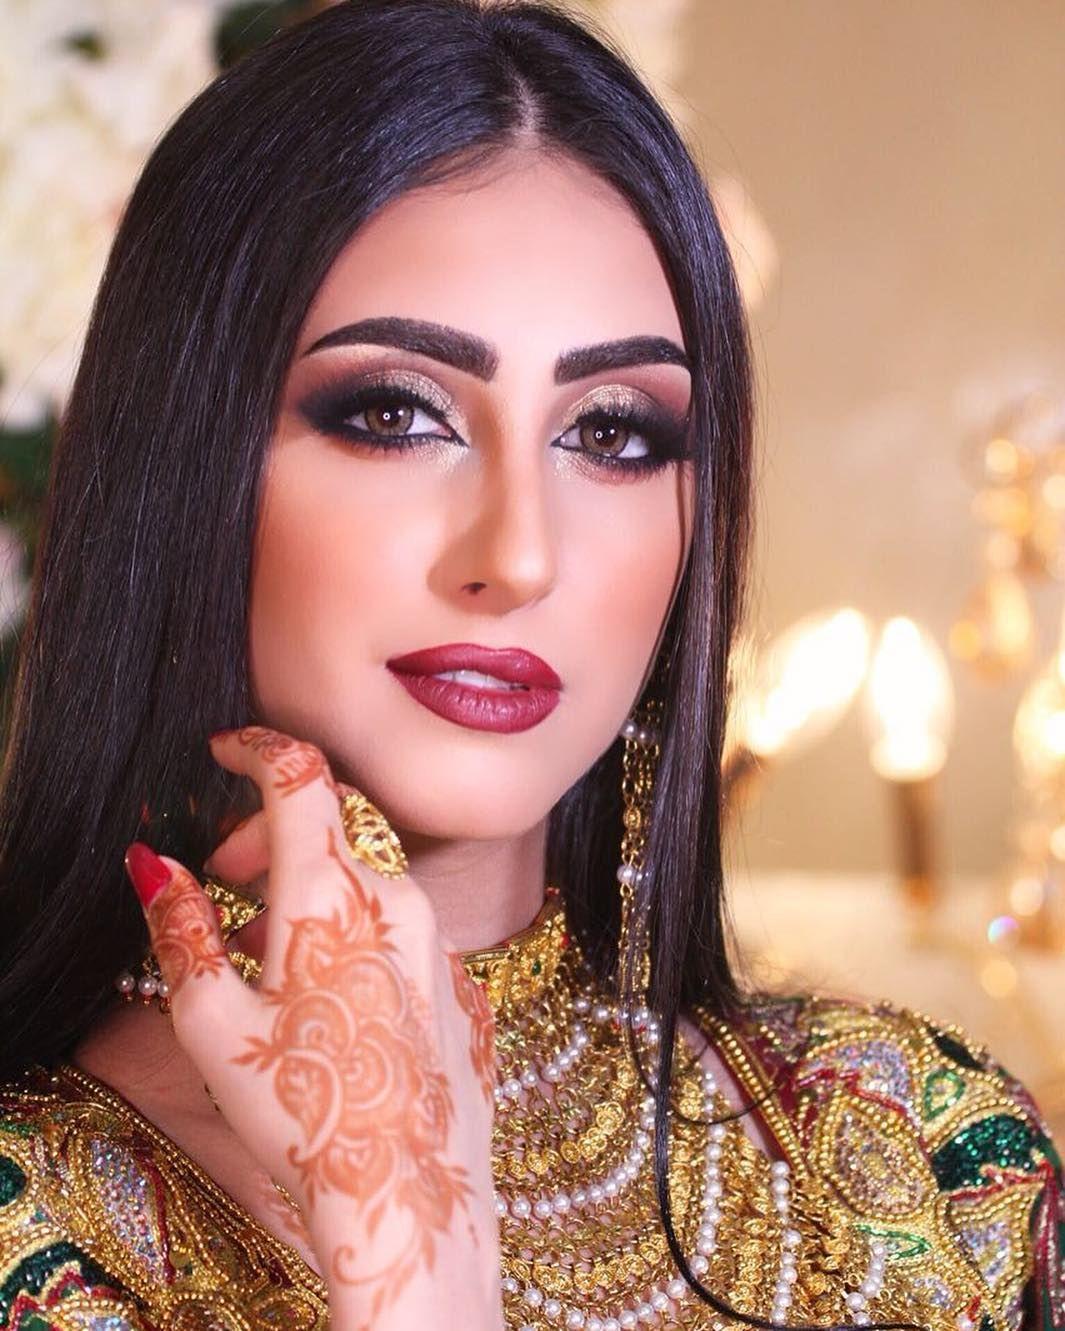 منى صفي Mona Saafi Instagram Photos And Videos Photo And Video Instagram Photo Instagram